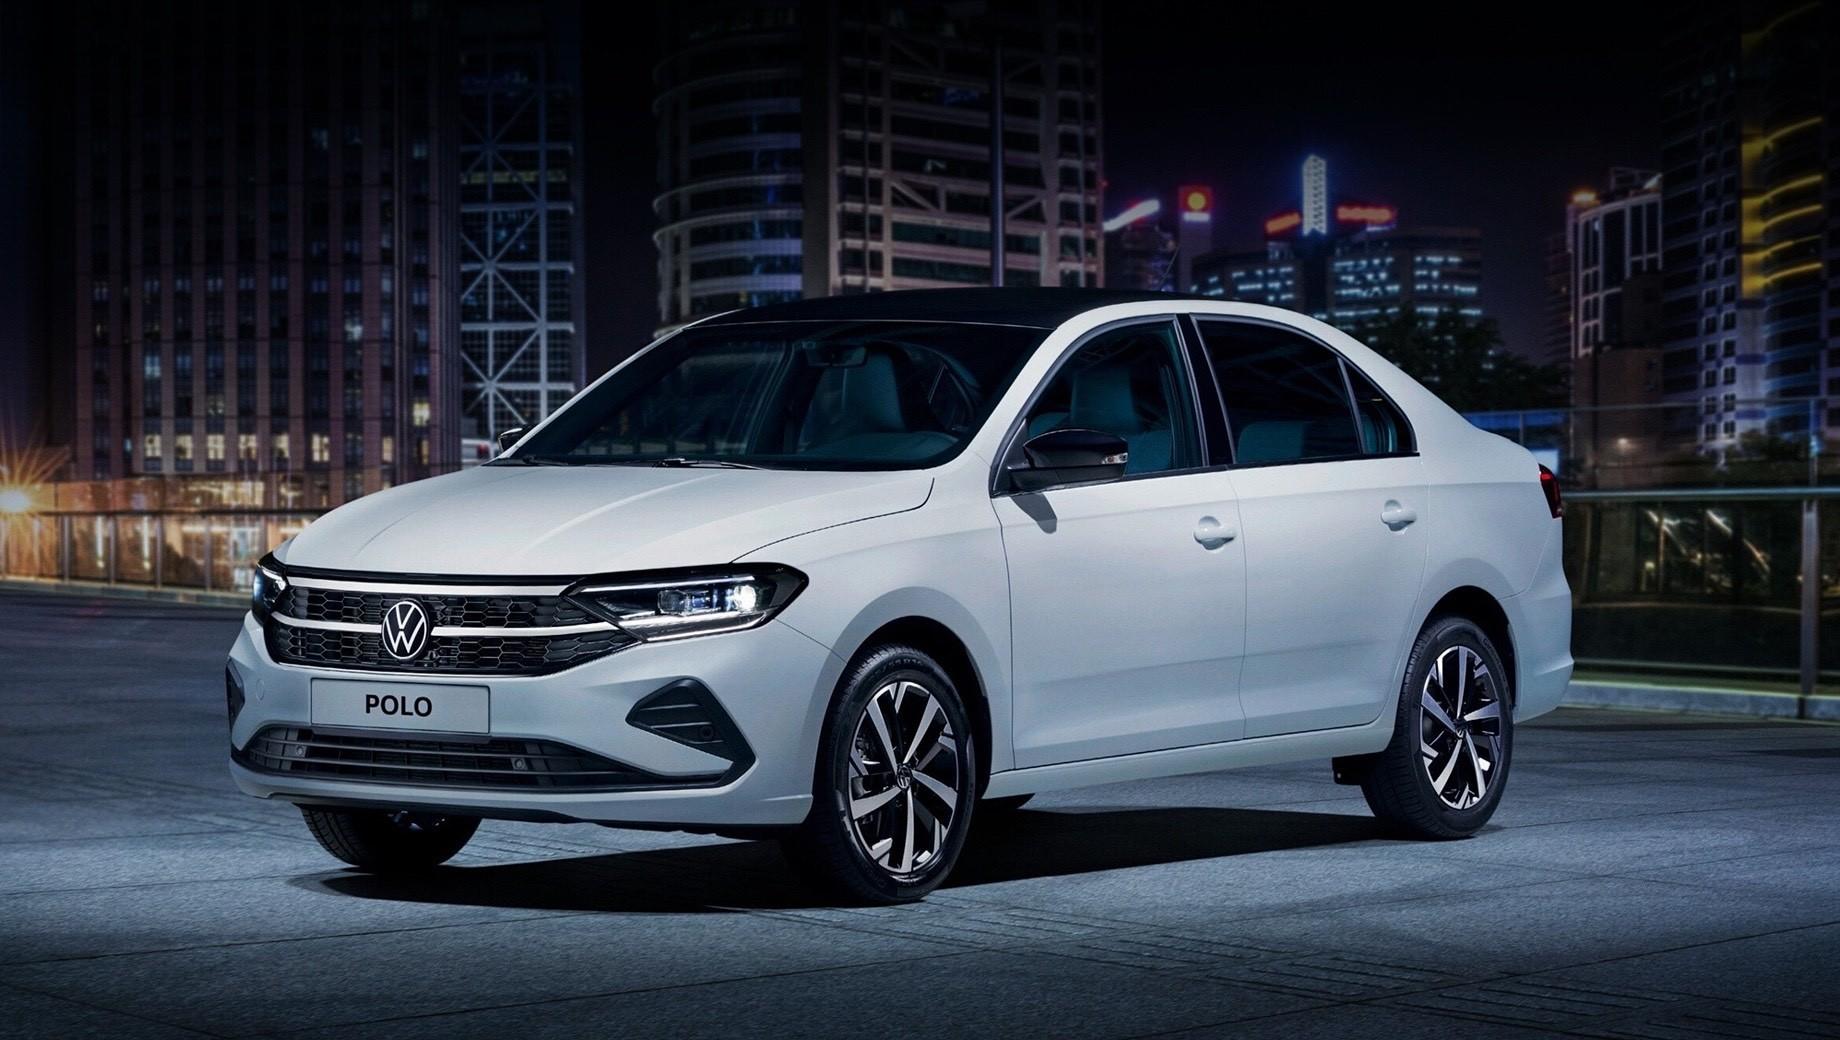 Volkswagen polo. Первое, чем внешне отличается «Спорт» от обычного Polo, — это решётка радиатора с сотовой структурой.